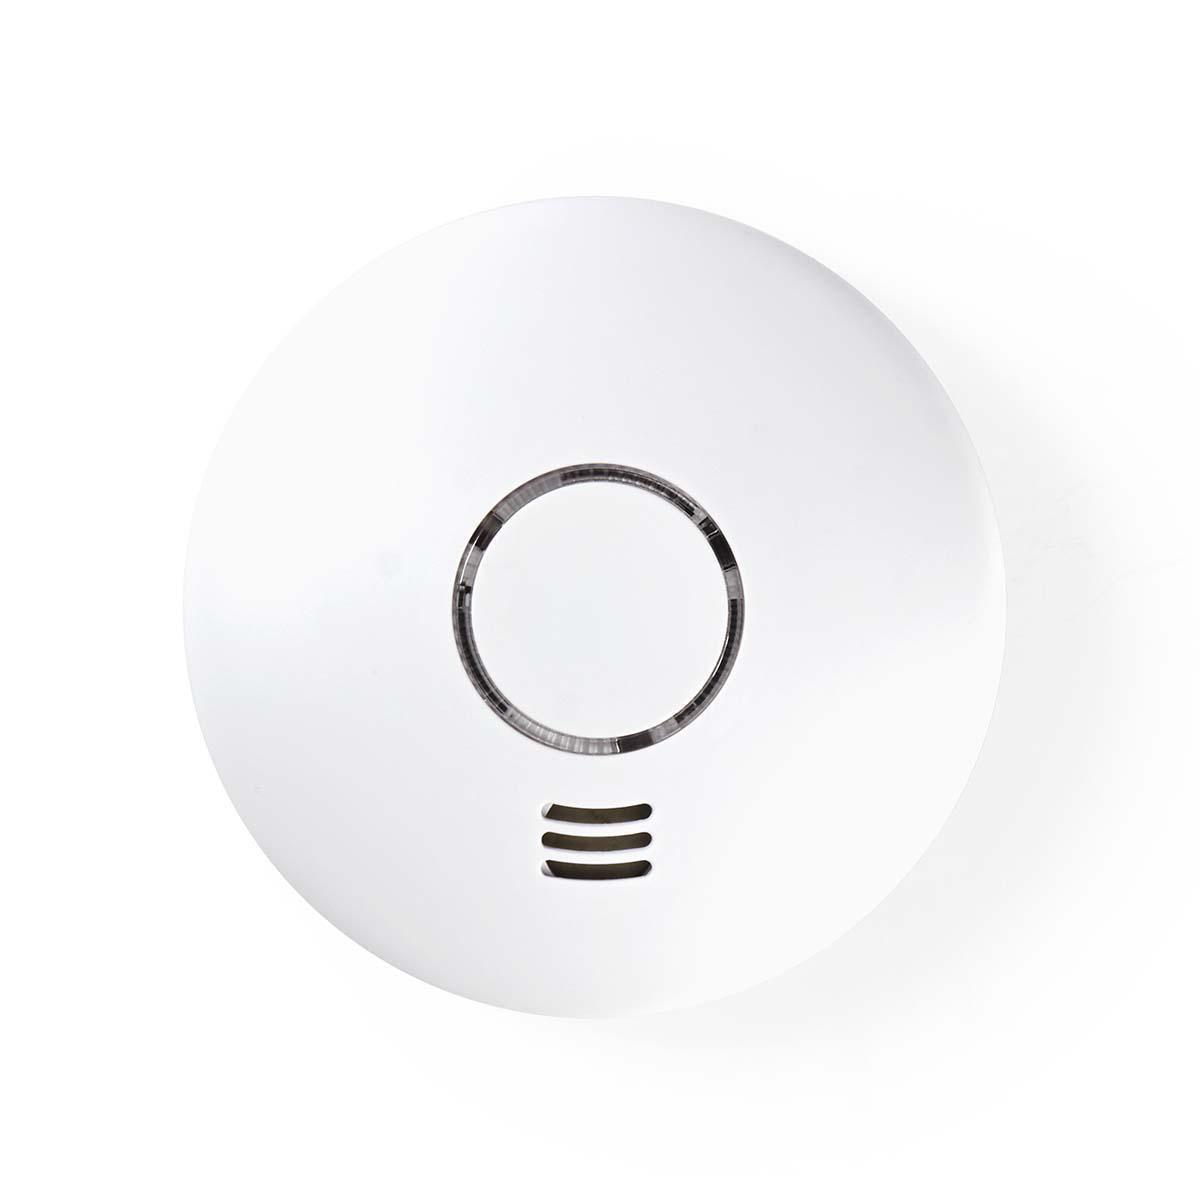 Ce détecteur de fumée Wi-Fi vous avertit à la fois de la fumée et d'une élévation extrême de la température: une alarme retentit pour tous ceux qui se trouvent à proximité et vous recevez également une notification sur votre téléphone, où que vous soyez à